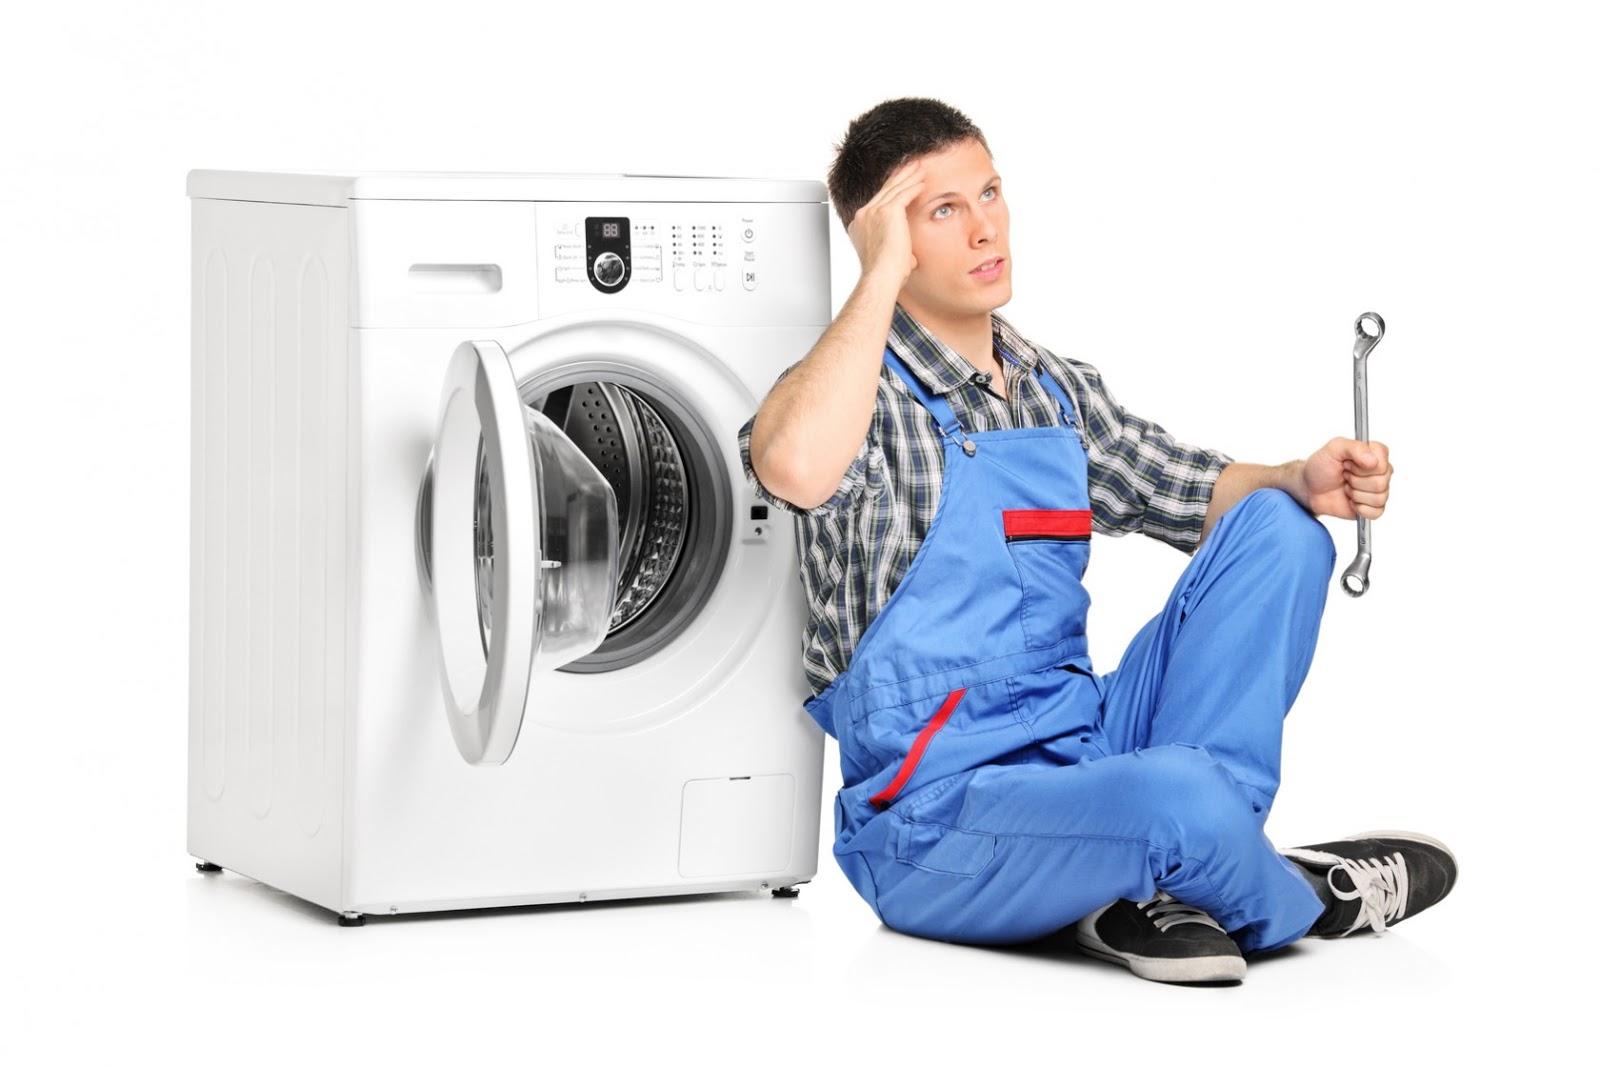 Điểm khác biệt của trung tâm sửa máy giặt Elextrolux